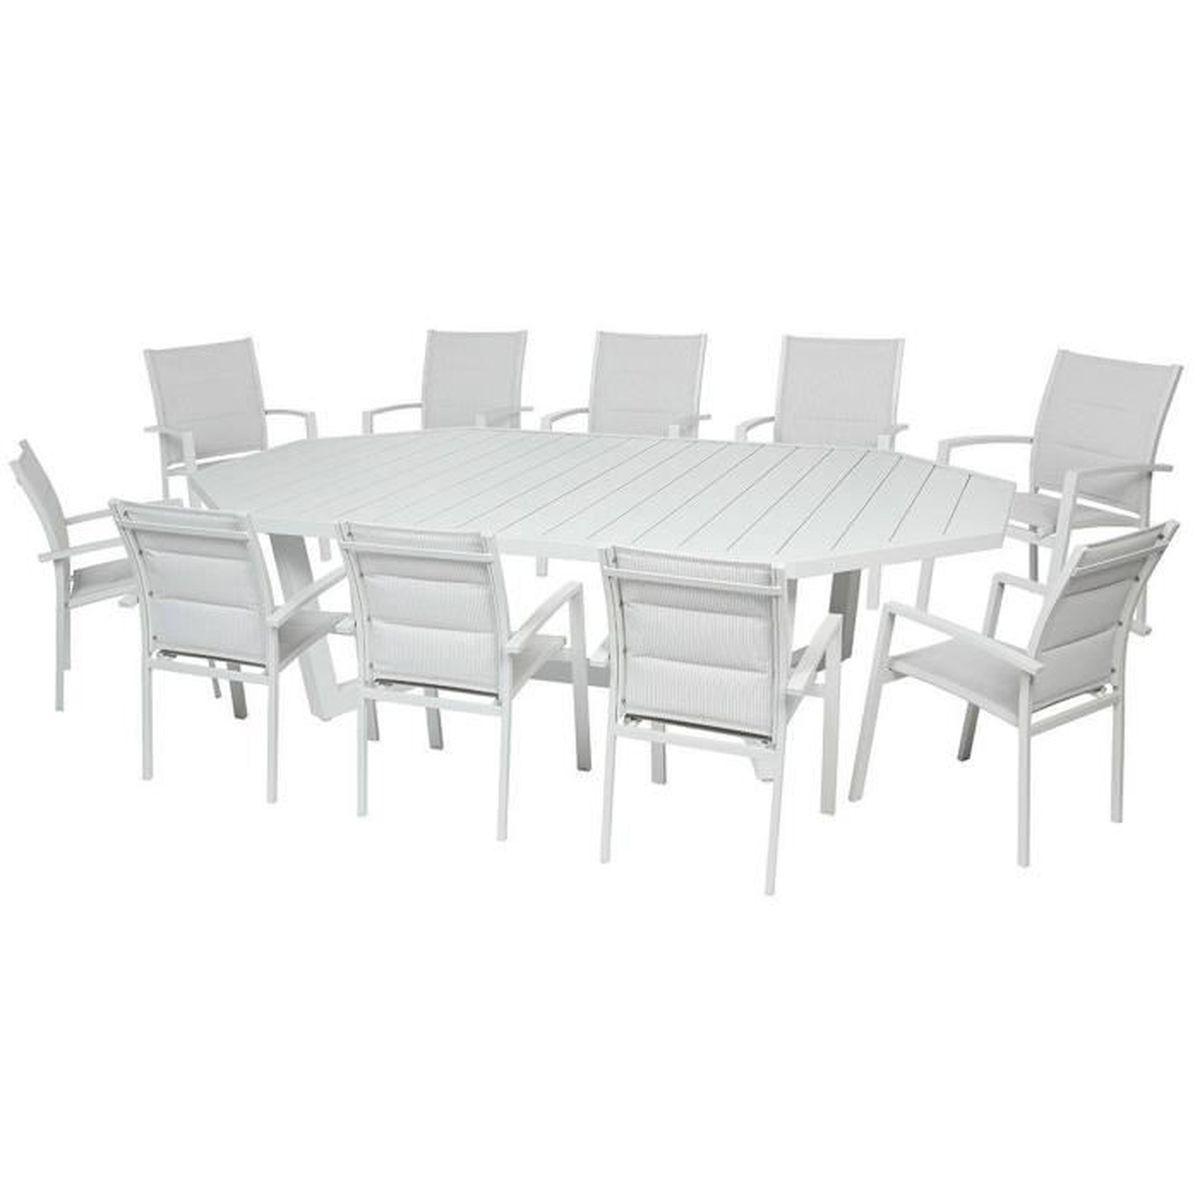 Table octogonale en Aluminium coloris galet - Dim : L 274 x ...